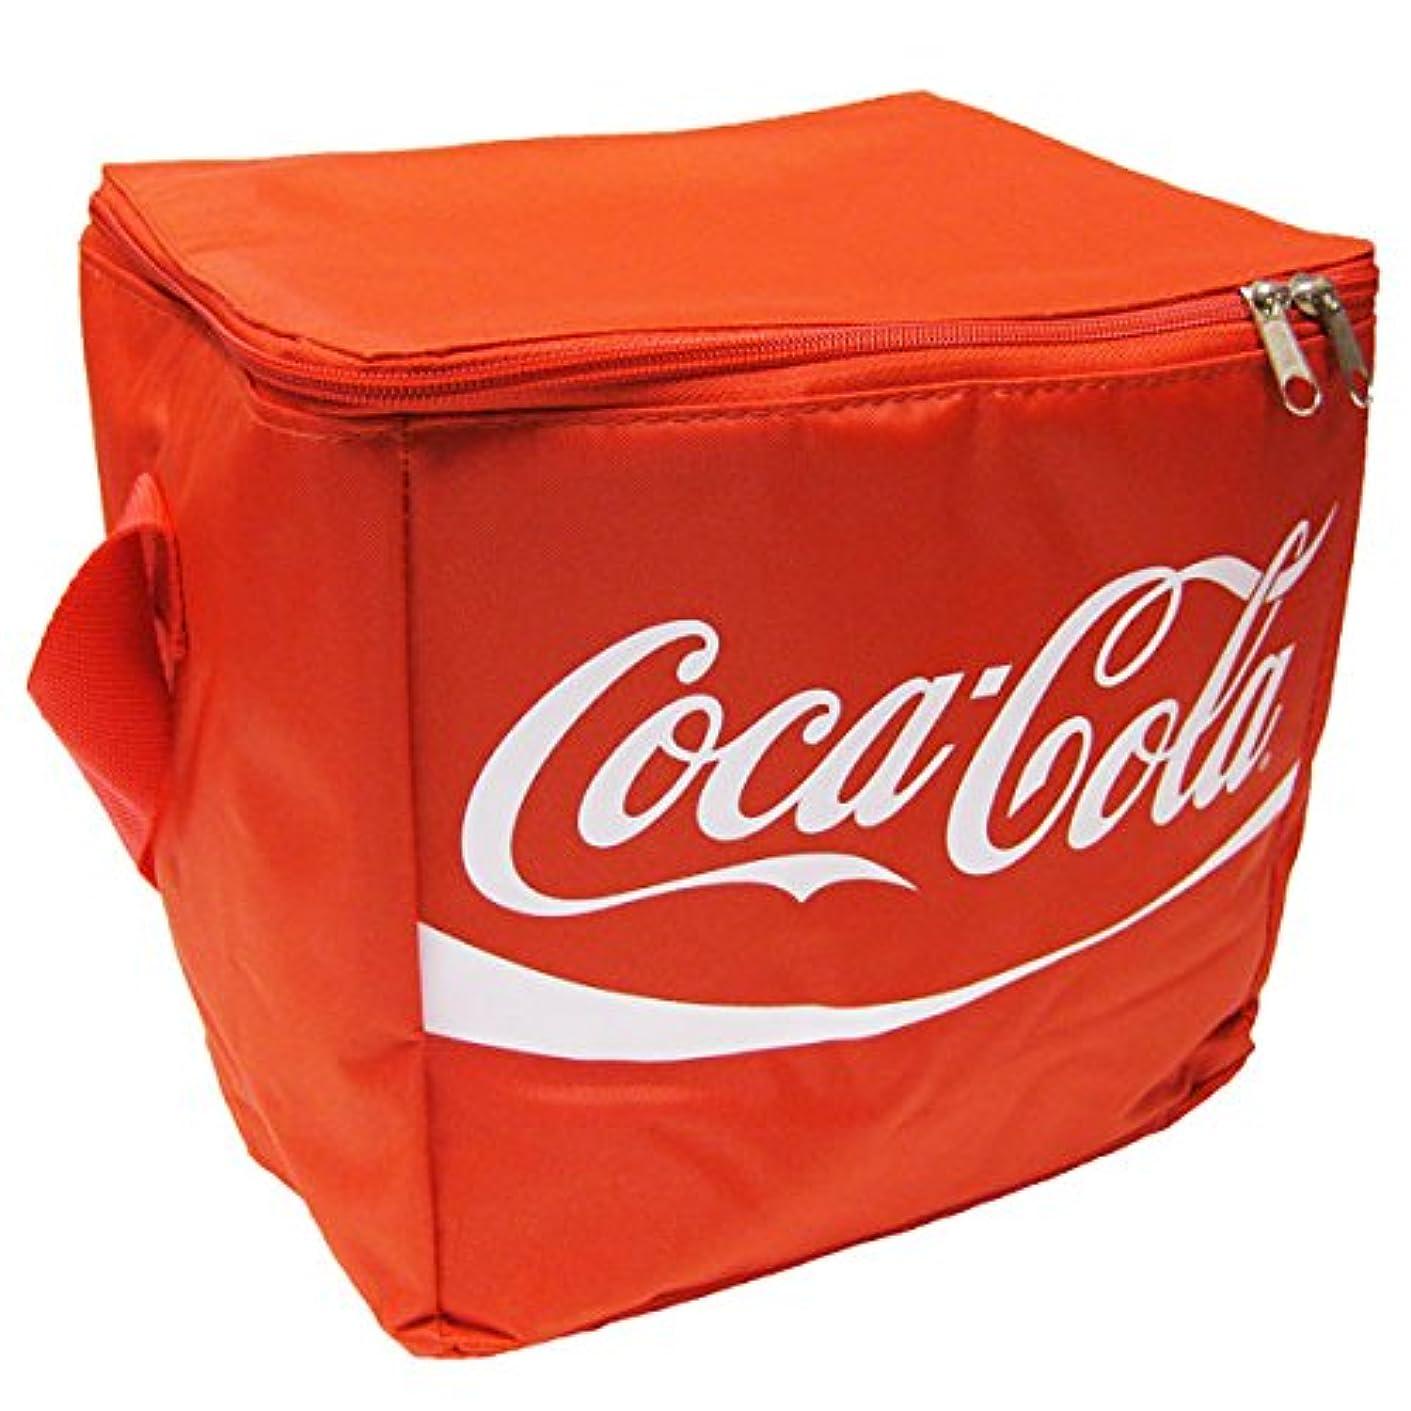 妖精暴力バックアップコカコーラ(Coca Cola) 保冷バッグ(ボックス) クーラーバッグ ランチバック アウトドア 運動会 お弁当 バーベキュー アメリカン雑貨 アメリカ雑貨 保冷